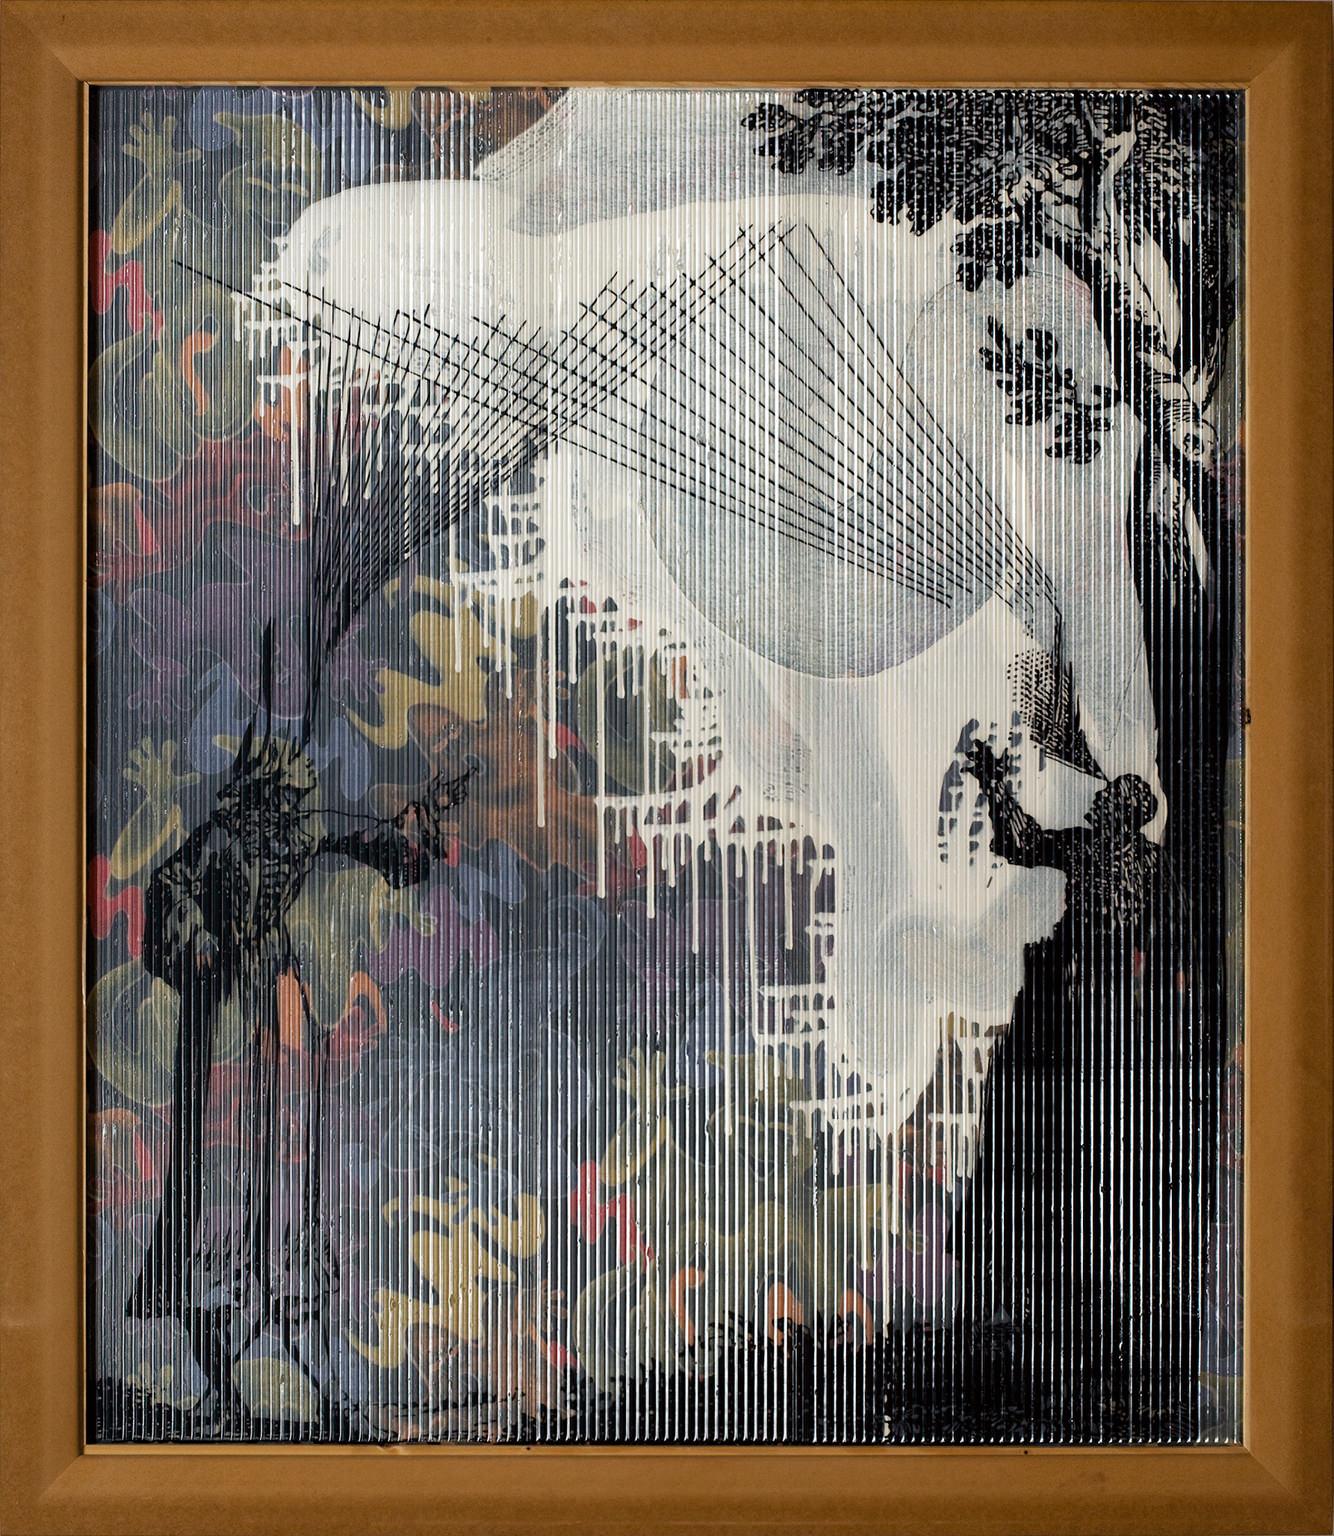 Strahlen Sehen(2006-2007) de Sigmar Polke, collection Lambrecht-Schadeberg, lauréat du prix Rubens de la Ville de Siegen, musée d'Art contemporain, Siegen. The Estate of Sigmar Polke, Cologne/VG Bild-Kunst, Bonn,2016.  C'est l'une des autres caractéristiques des grands artistesque de ne pas se laisser approcher si facilement. La toile dévoile autant qu'elle cache. SonMessage de Marie-Antoinette à la Conciergerie(1989), issu d'une série dédiée à la Révolution française, s'offre tout d'abord comme une composition abstraite magistrale. Mais, alors qu'on s'en approche, apparaissent des éléments granuleux. En réalité, le tableau a été percé à l'aide d'une aiguille afin de reproduirele message codé envoyé par Marie-Antoinette au comte Fersen. La peinture chez Polke est un théâtre d'ombres mystérieuses, un grand décor qui demande parfois à ce que l'on accepte de regarder derrière. Montrer l'arrière du décor est, justement, ce que propose –au sens littéral– l'atrium du Palazzo Grassi, où sont installés lesAxial Age(2005), gigantesques toiles translucides où un liquide jaunâtre devient pourpre sous l'effet de l'exposition au soleil. Exemples parfaitsde l'alchimie en action. Dans l'atrium, une fois n'est pas coutume, on peut se balader autour des peintures et observer l'envers du tableau… aussi intéressant quel'endroit. Car le peintre peignait souvent les deux faces de la toile, afin d'obtenir des effets par transparence. On perçoit même jusqu'au châssis. Polke semble à tout moment nous dire que si la peinture peut être transcendante, elle n'est en même temps que cela: du bois et une toile. Si la magie opère, il ne faut jamais être dupe. Le motif du théâtre est parfois le sujet central de la peinture. En 2005, Polke réalise deux toiles qui se complètent, l'une étant comme le négatif de l'autre. Il y peint de petites figures représentant des personnages ou des animaux de cirque. Comme àson habitude, il projetait sur la gigantesque toile des images récupérées afin de les reprod